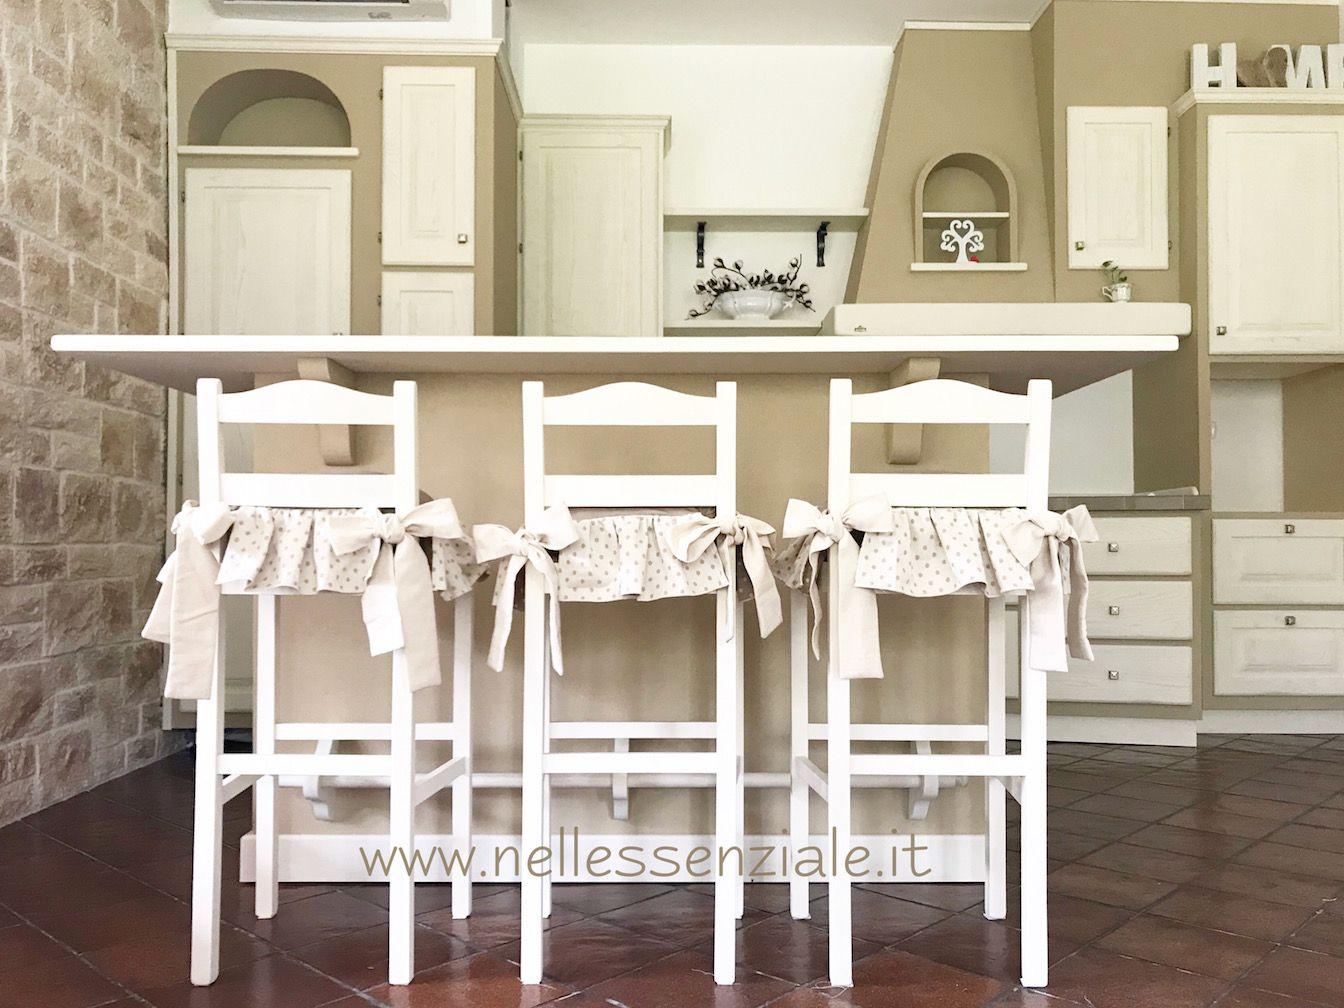 copri sedia cuscini per cucina open space in muratura la cucina in ambiente aperto con salotto e qui il country molto soft si sposa benissimo con le - Cucina Open Space